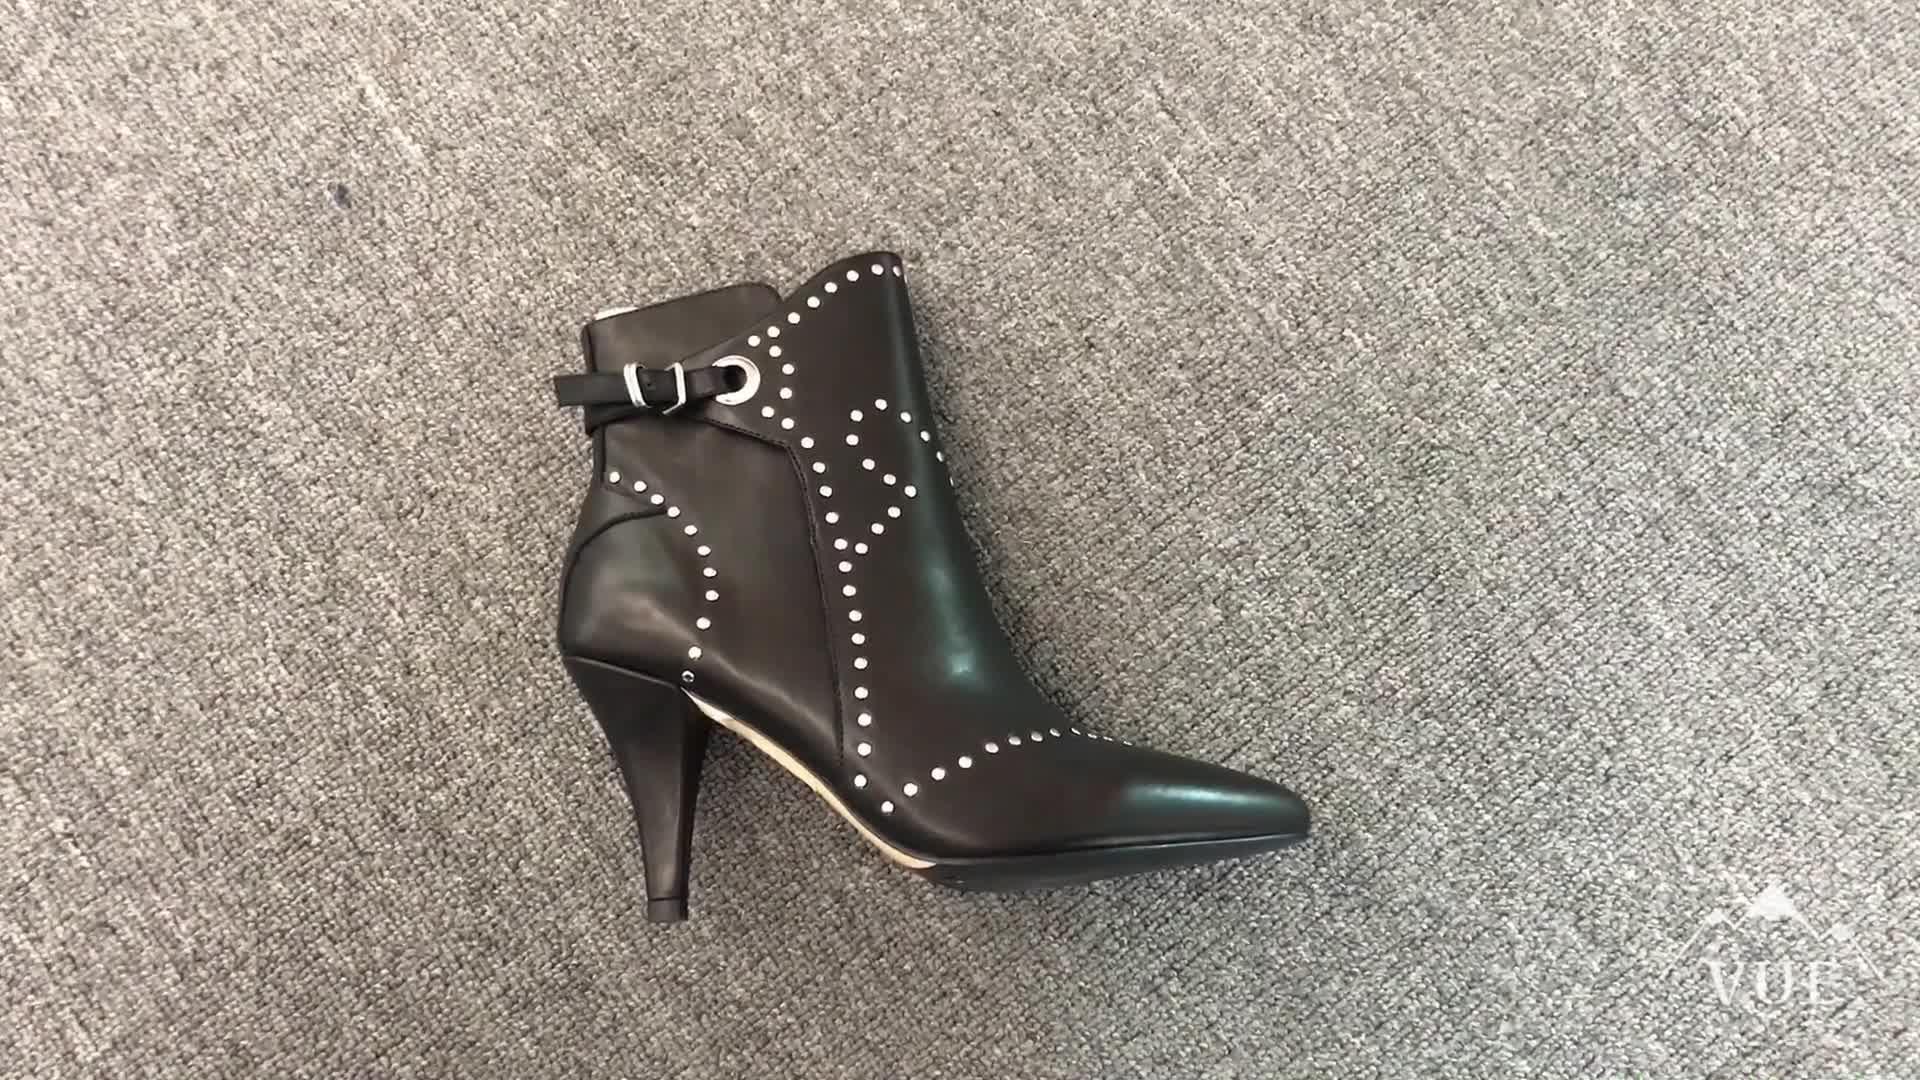 Nouvelle Arrivée De Haute Qualité En Cuir Véritable Chaussures hommes Bottes Chelsea Avec la Conception De L'italie